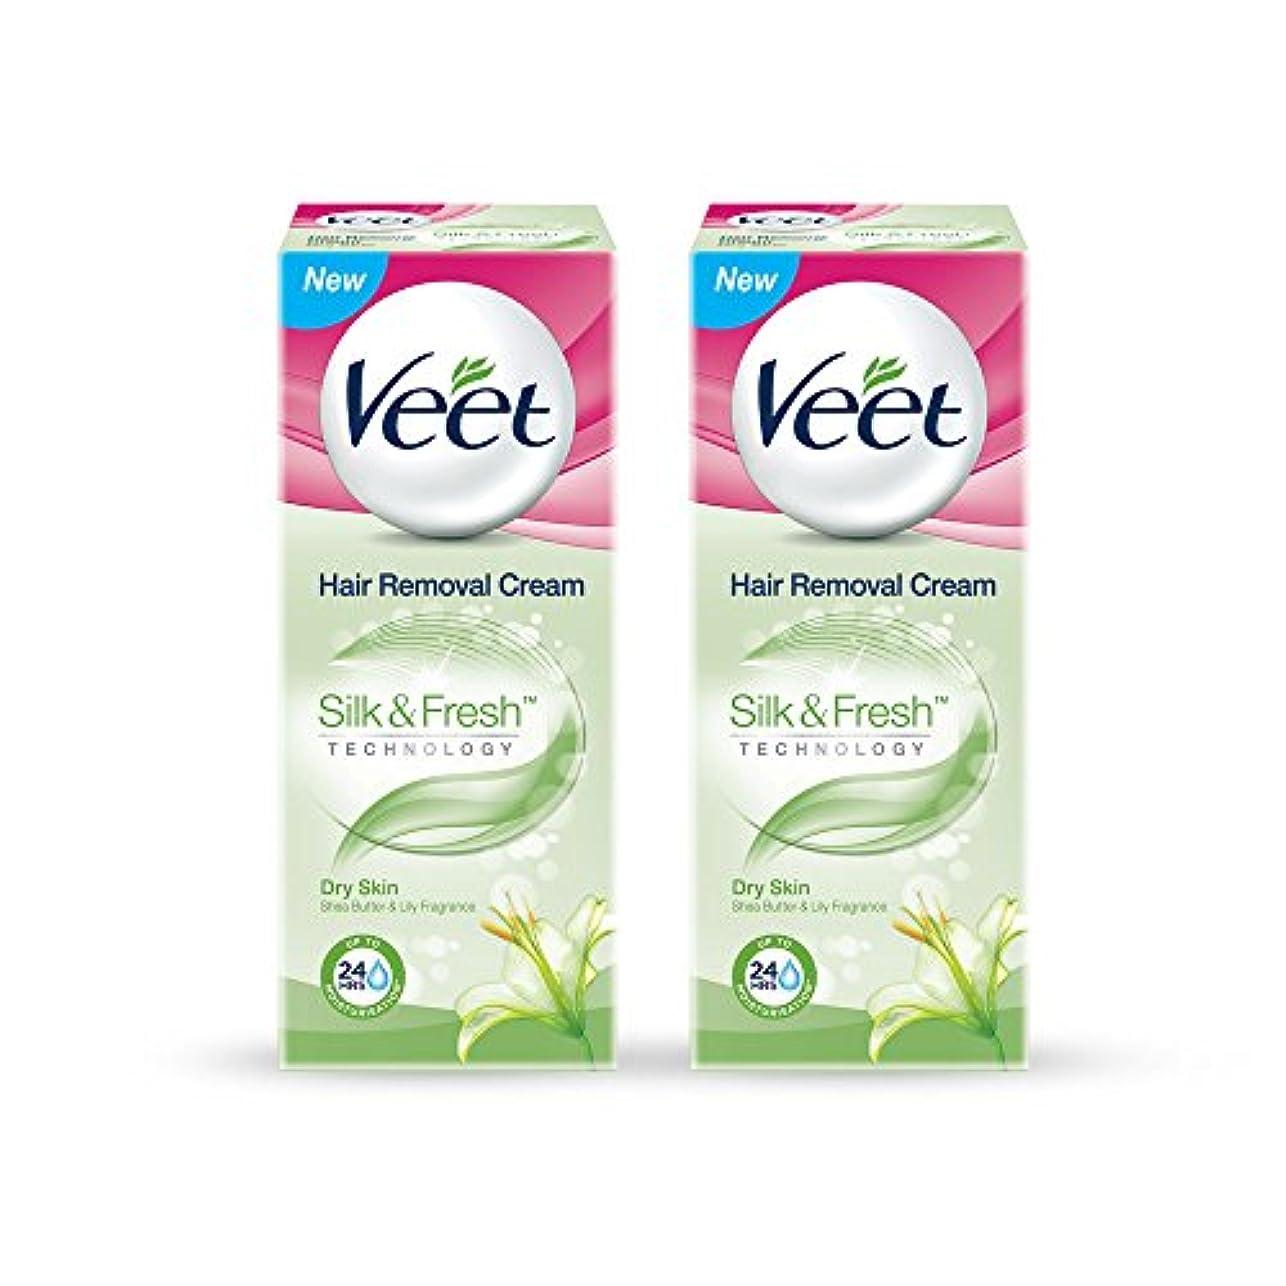 うぬぼれた開発品揃えVeet Hair Removal Gel Cream for Dry Skin with Shea Butter & Lily Fragrance 25 g (Pack of 2)